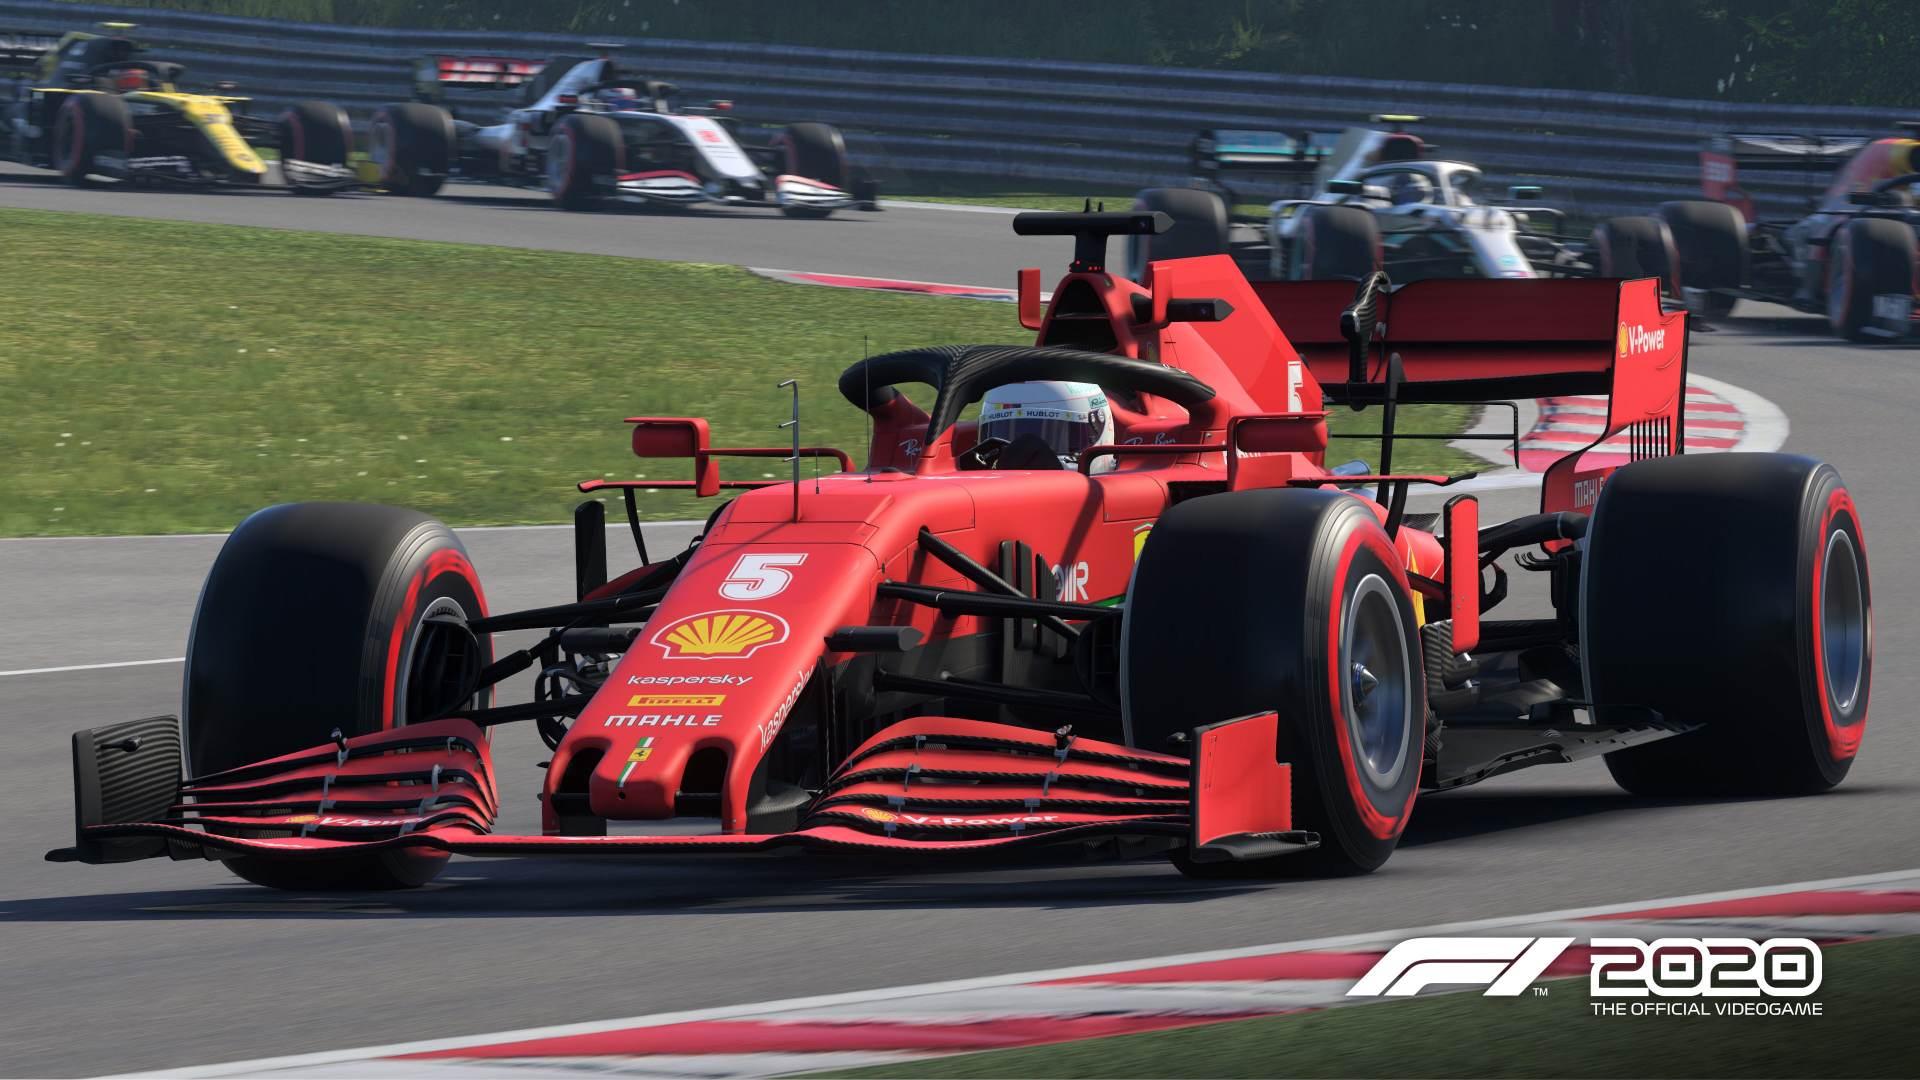 F1 2020: scarica la prova gratuita